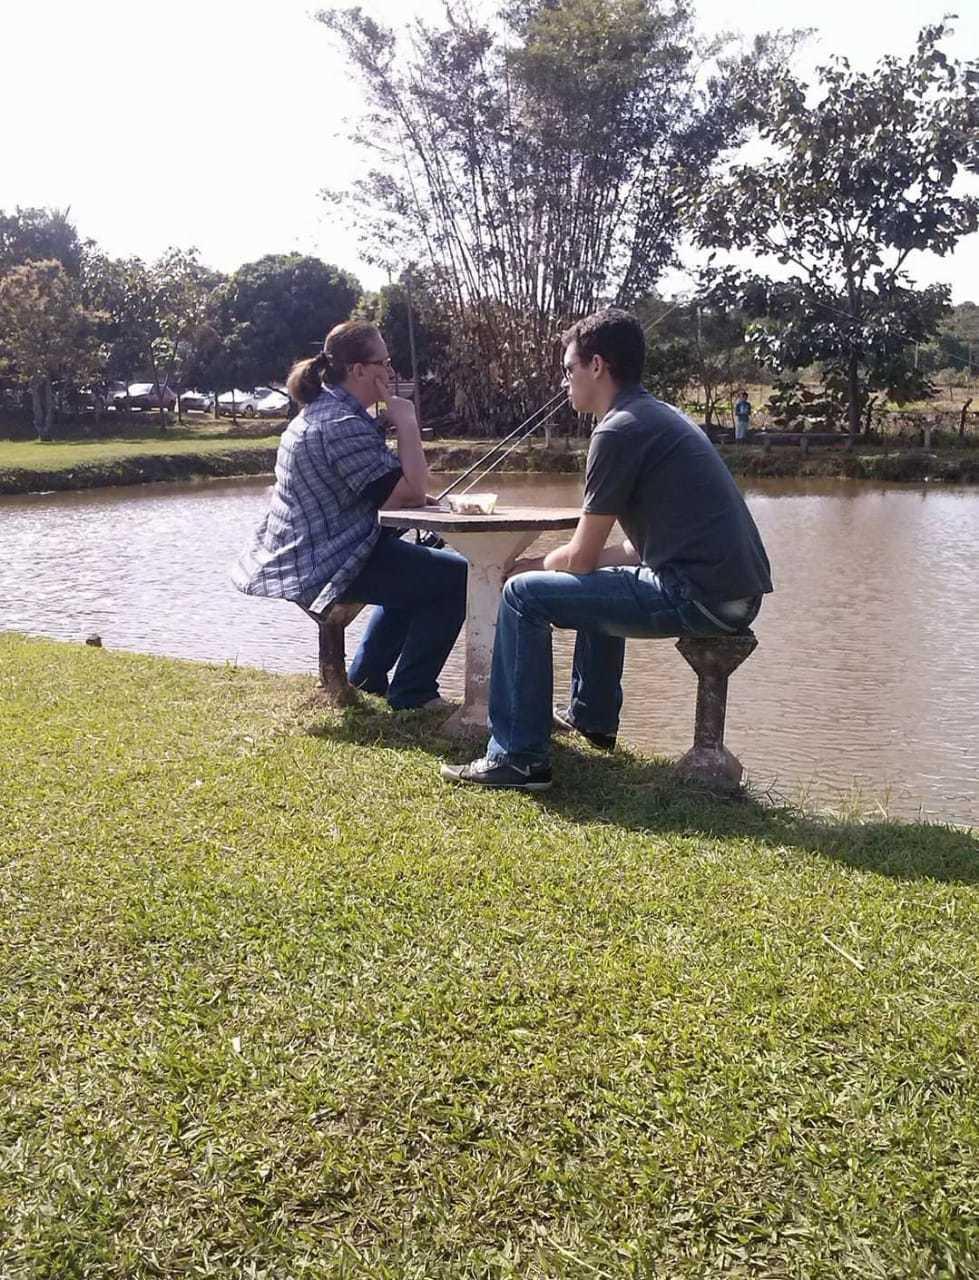 Graça curtindo o pesqueiro com um dos filhos, também antes da pandemia. (Foto: Arquivo Pessoal)